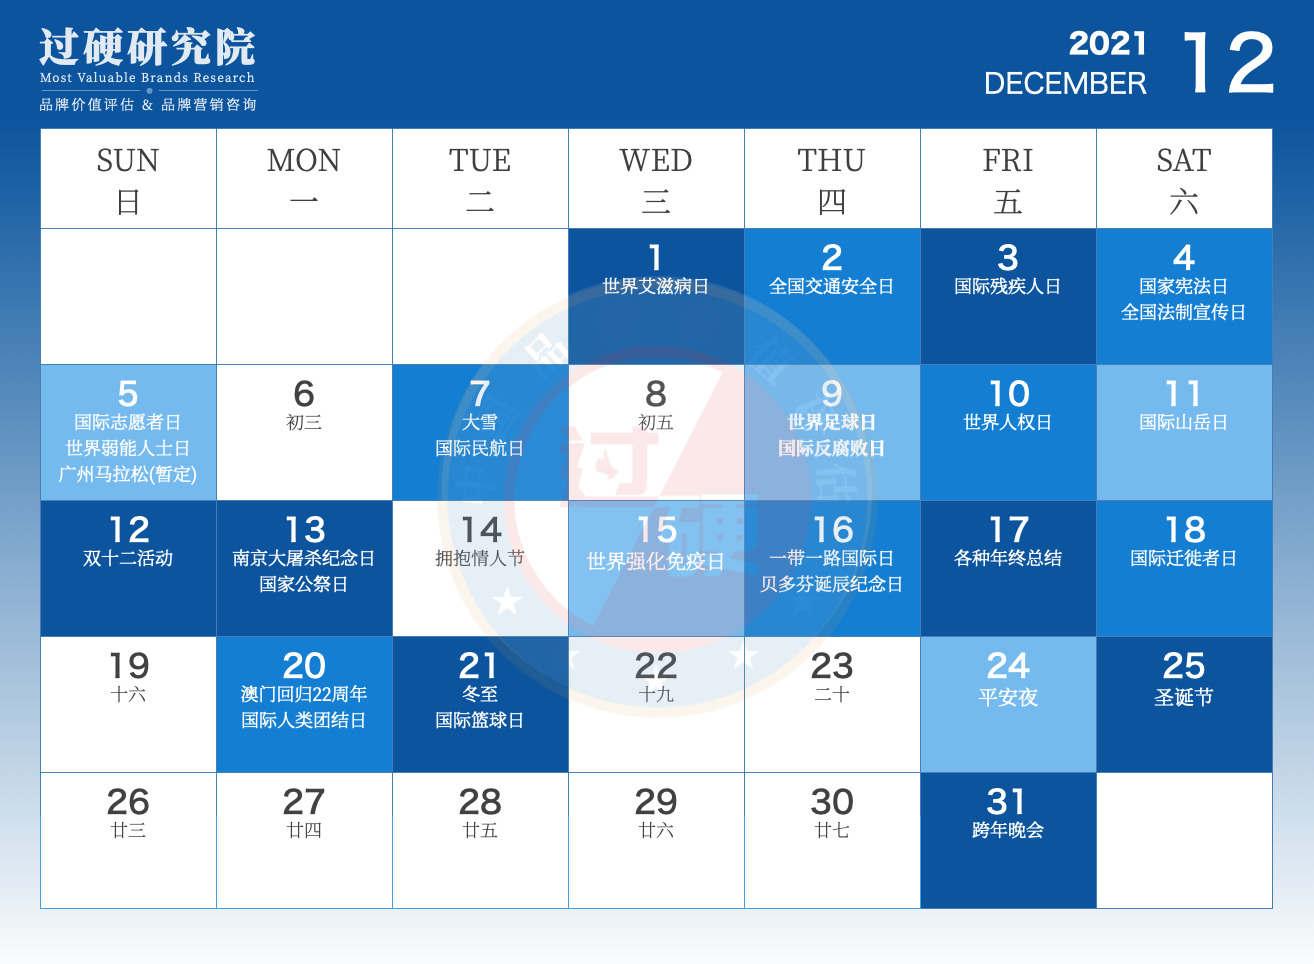 过硬2021年12月营销日历